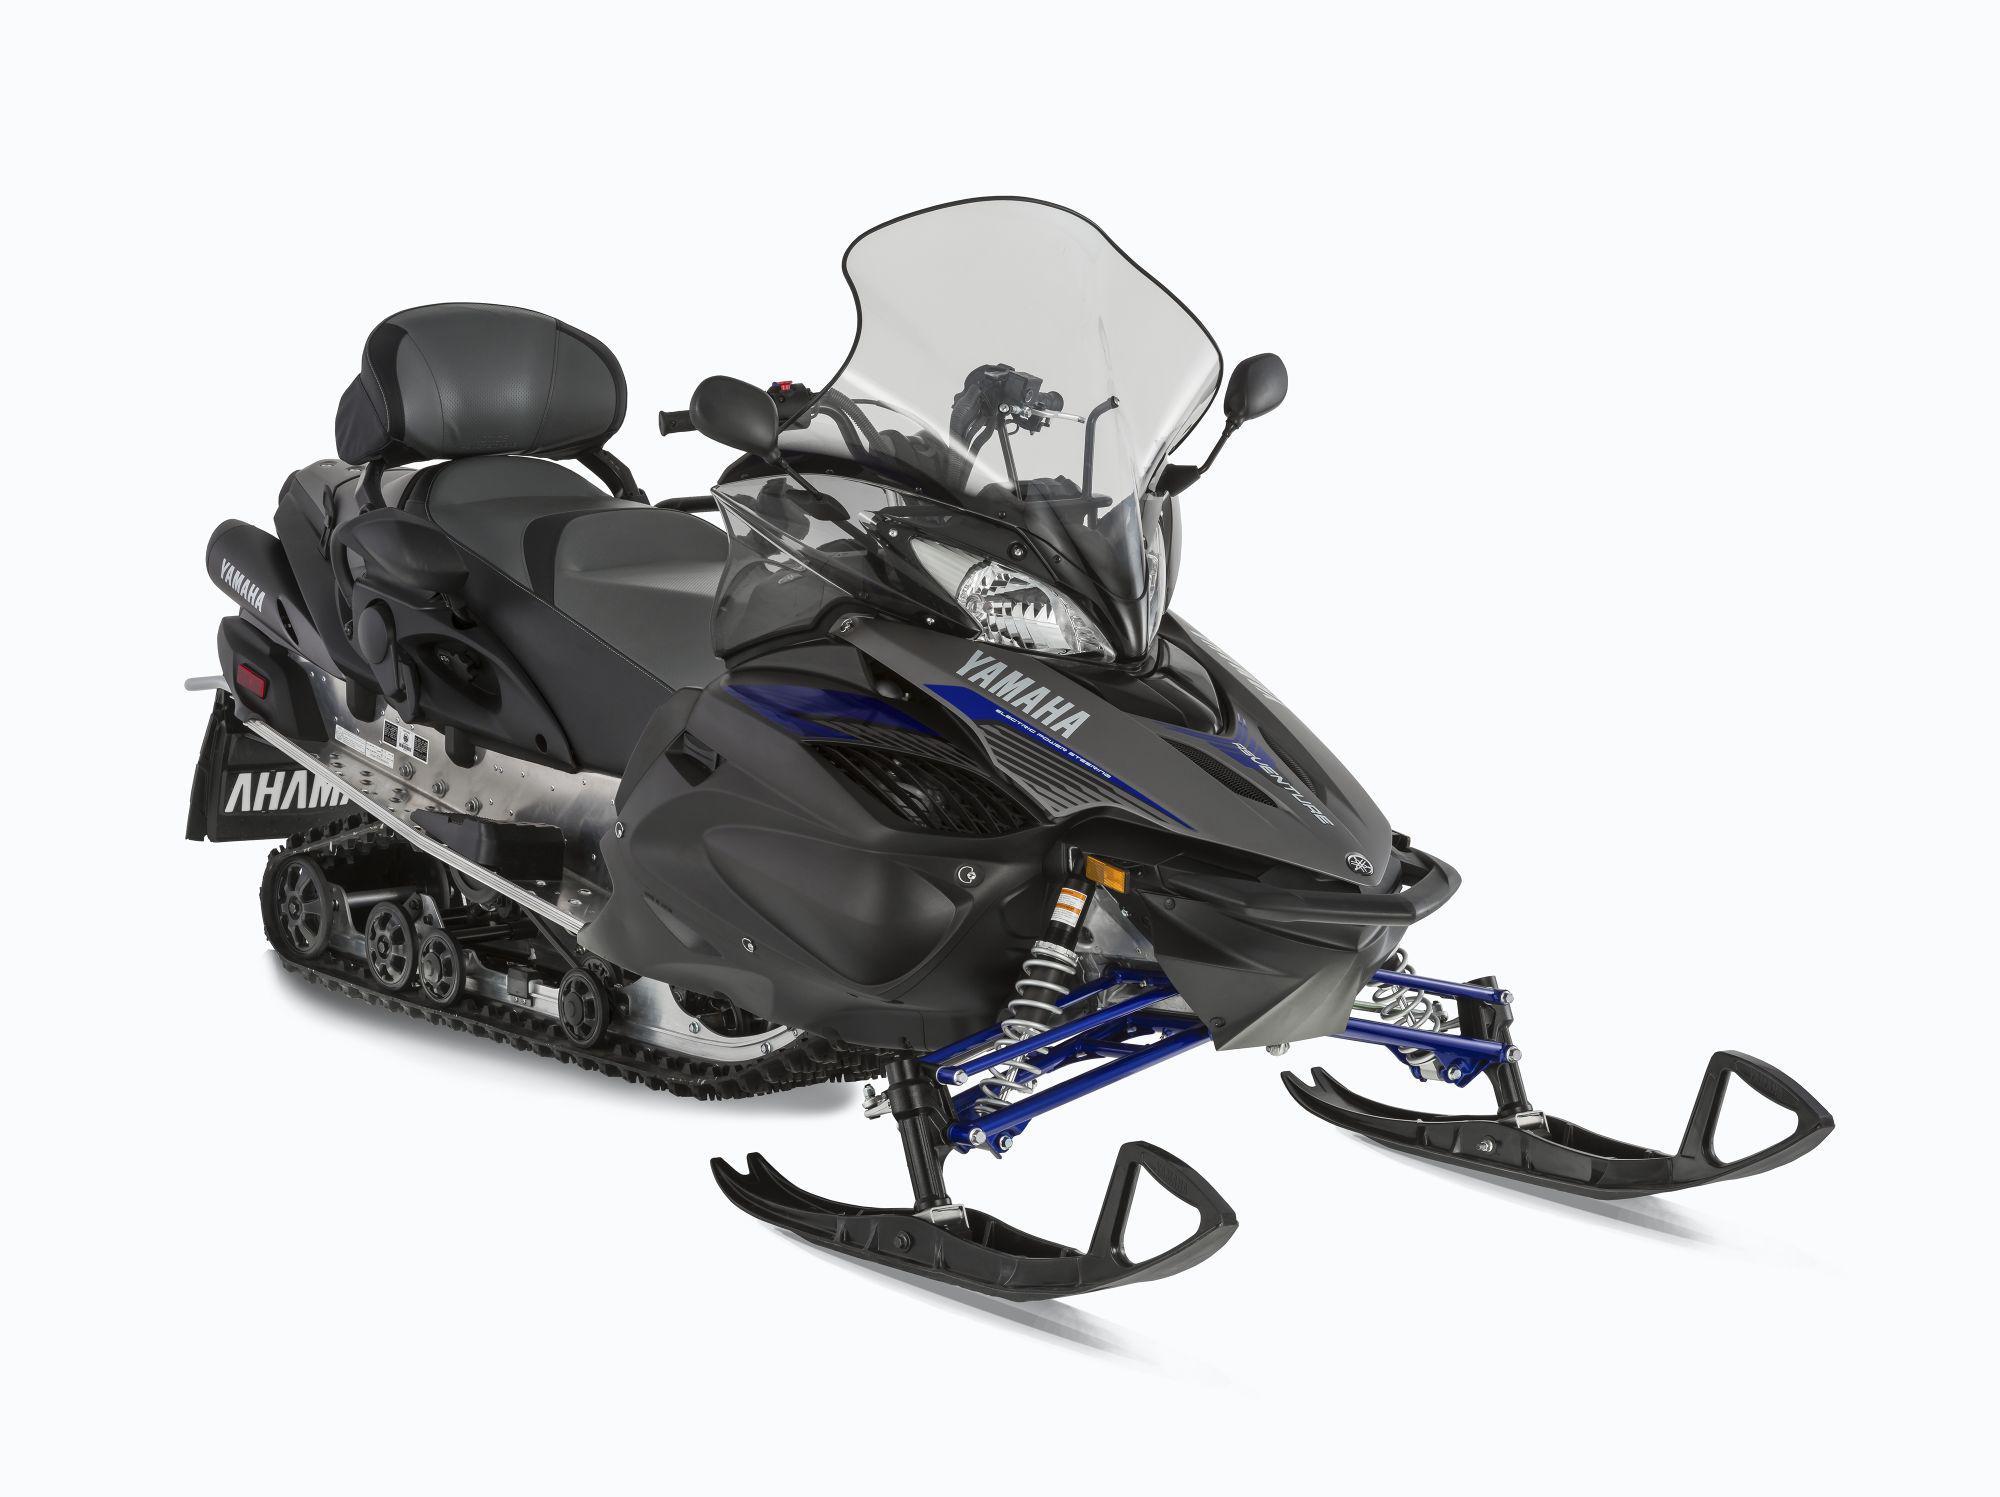 yamaha schneemobile 2016 motorrad fotos motorrad bilder. Black Bedroom Furniture Sets. Home Design Ideas